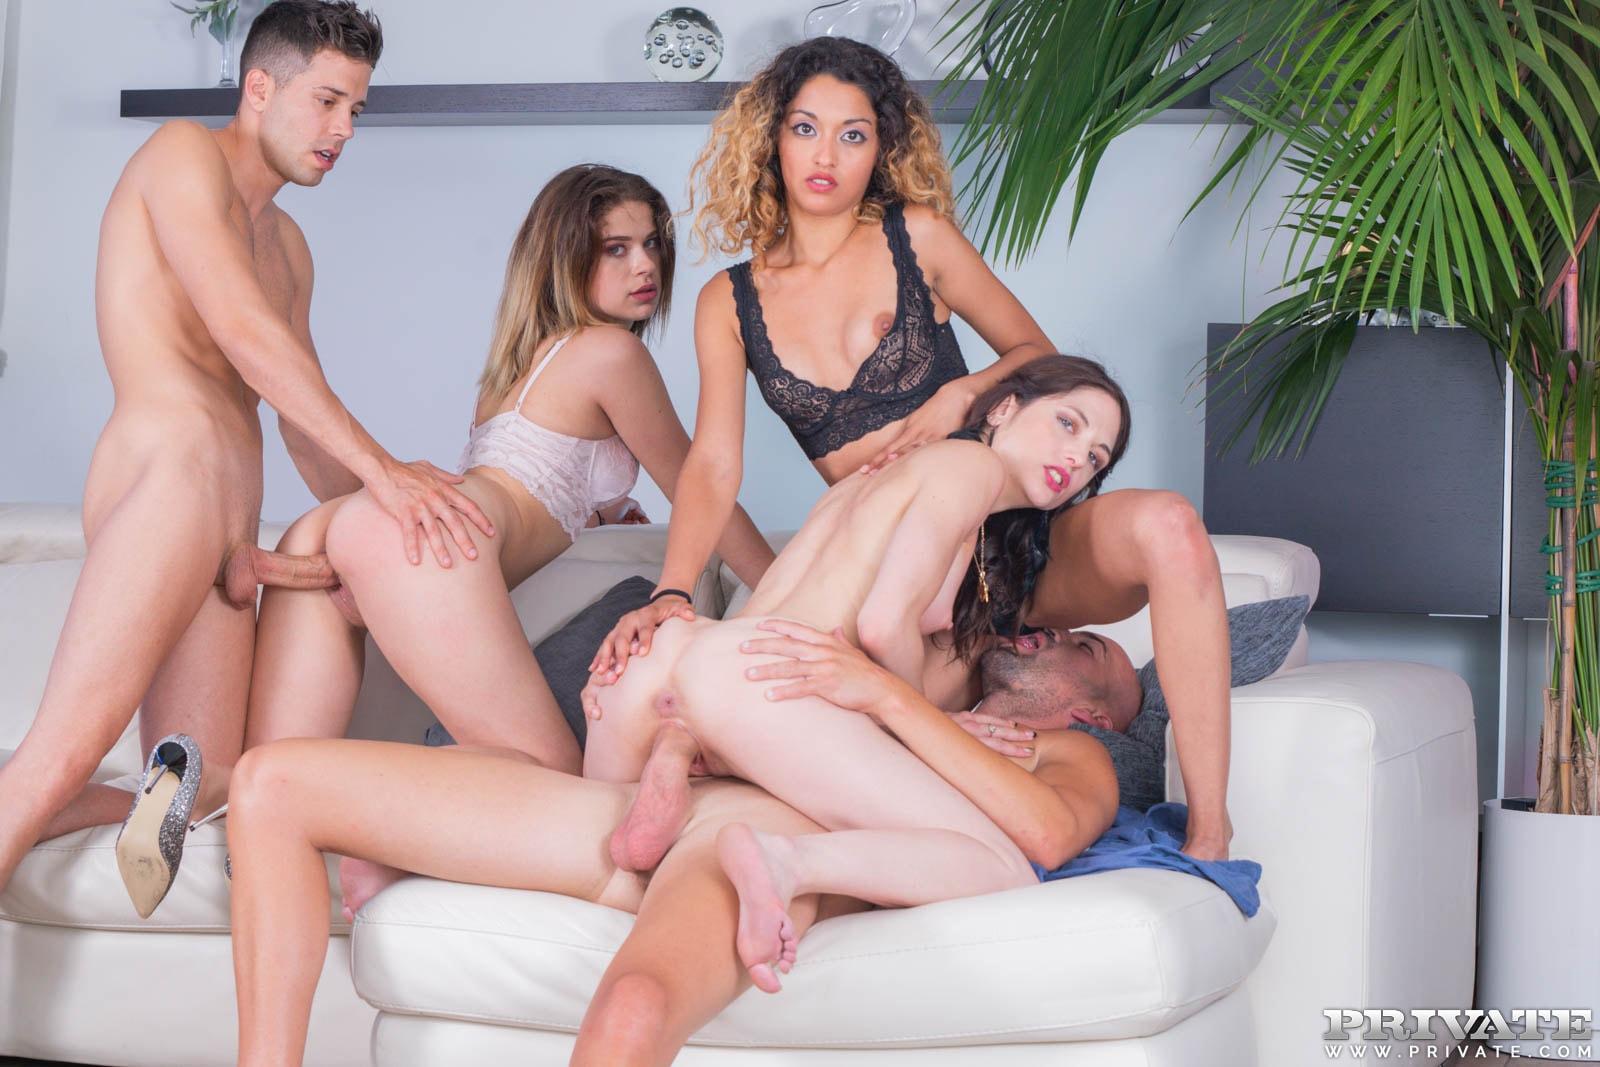 College-Girl Orgies